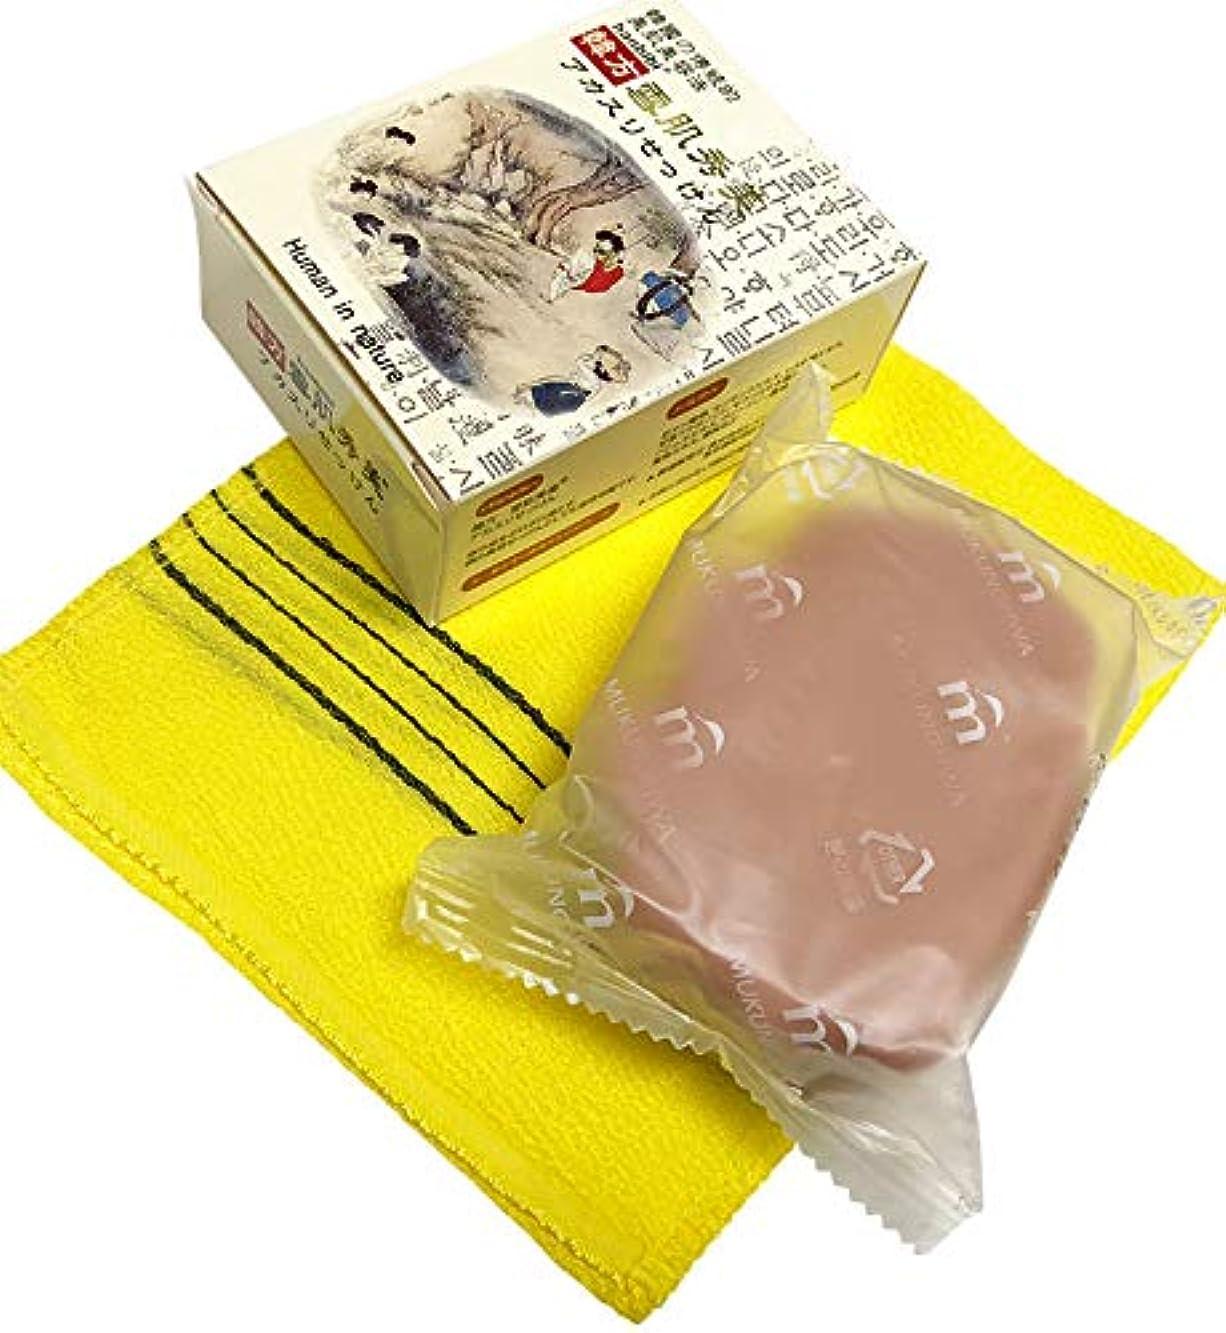 新年耐久雨人気の顔、体兼用、蜂蜜香りの韓方石ケン、韓国コスメ 韓方[雪肌美]蜂蜜アカスリせっけん アカスリ専用タオル付き